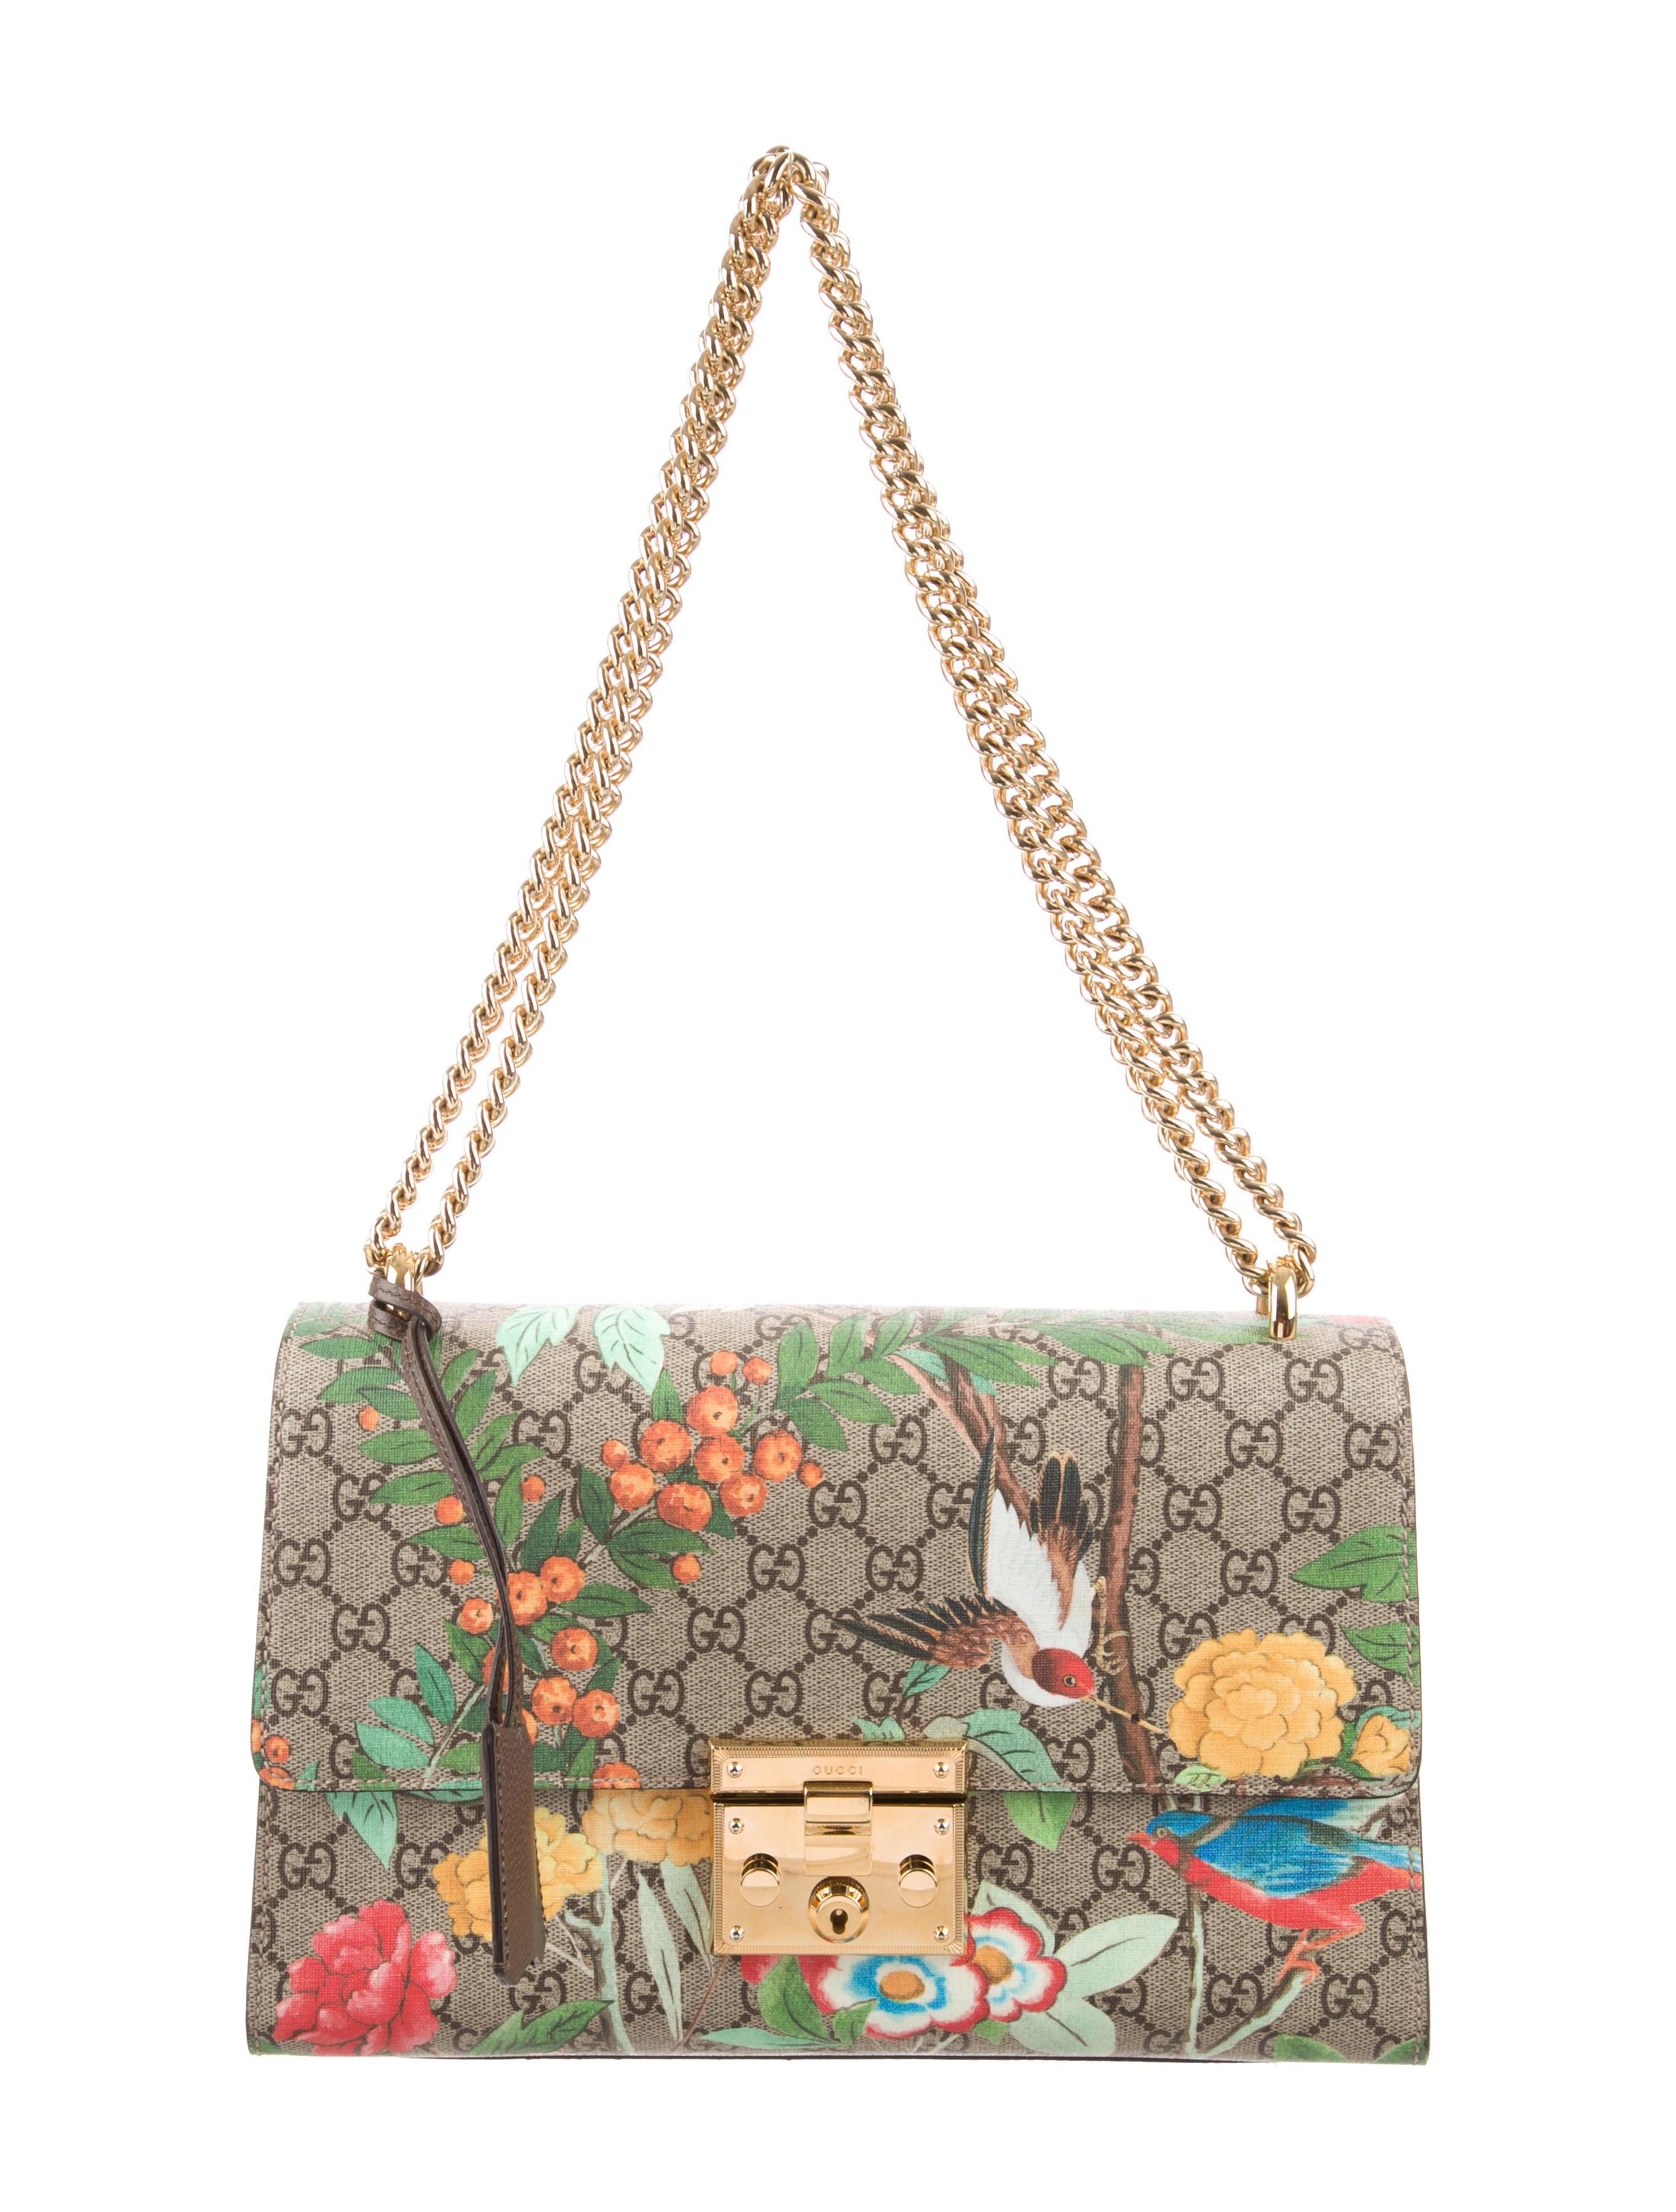 a2775297a3e Gucci GG Supreme Tian Padlock Shoulder Bag - Handbags - GUC100699 ...